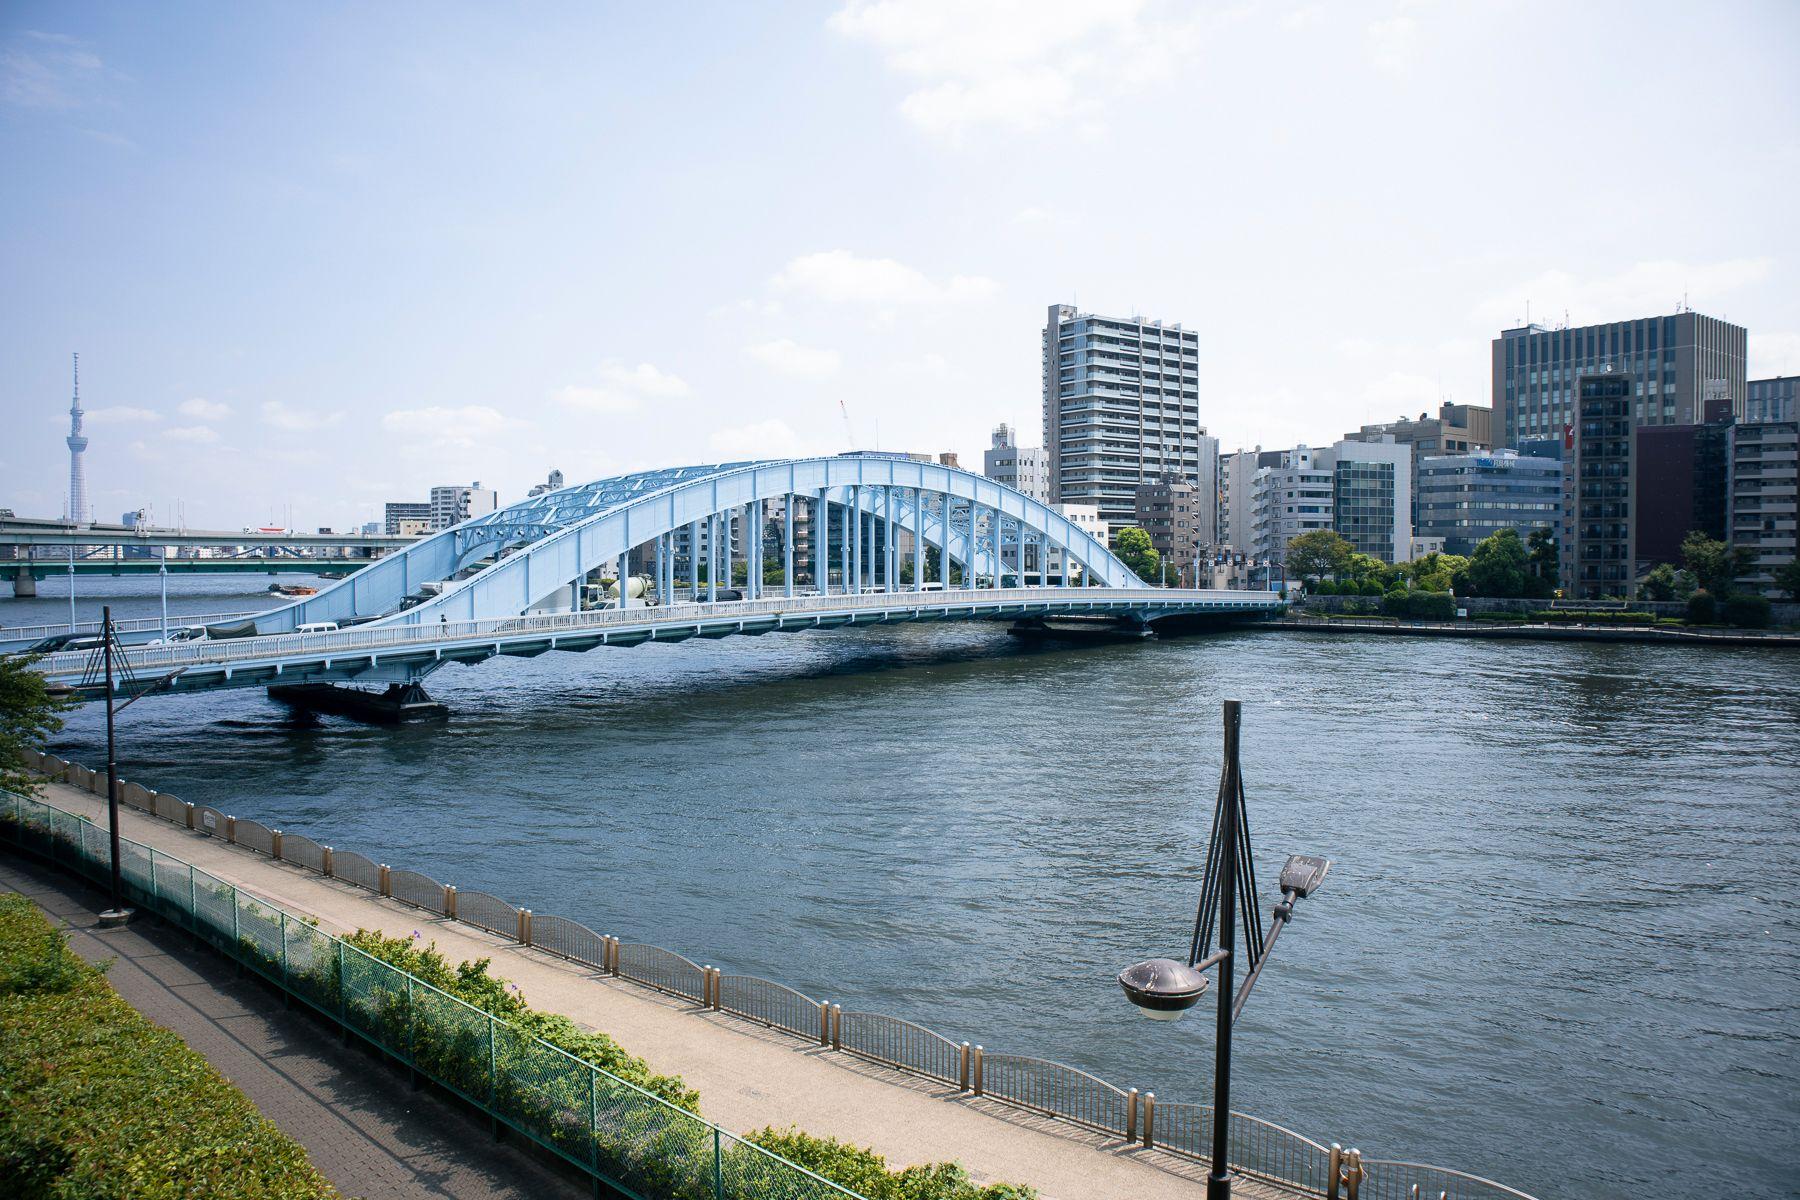 STUDIO FLOD(スタジオフロード)3、4Fスタジオ窓からの風景は隅田川